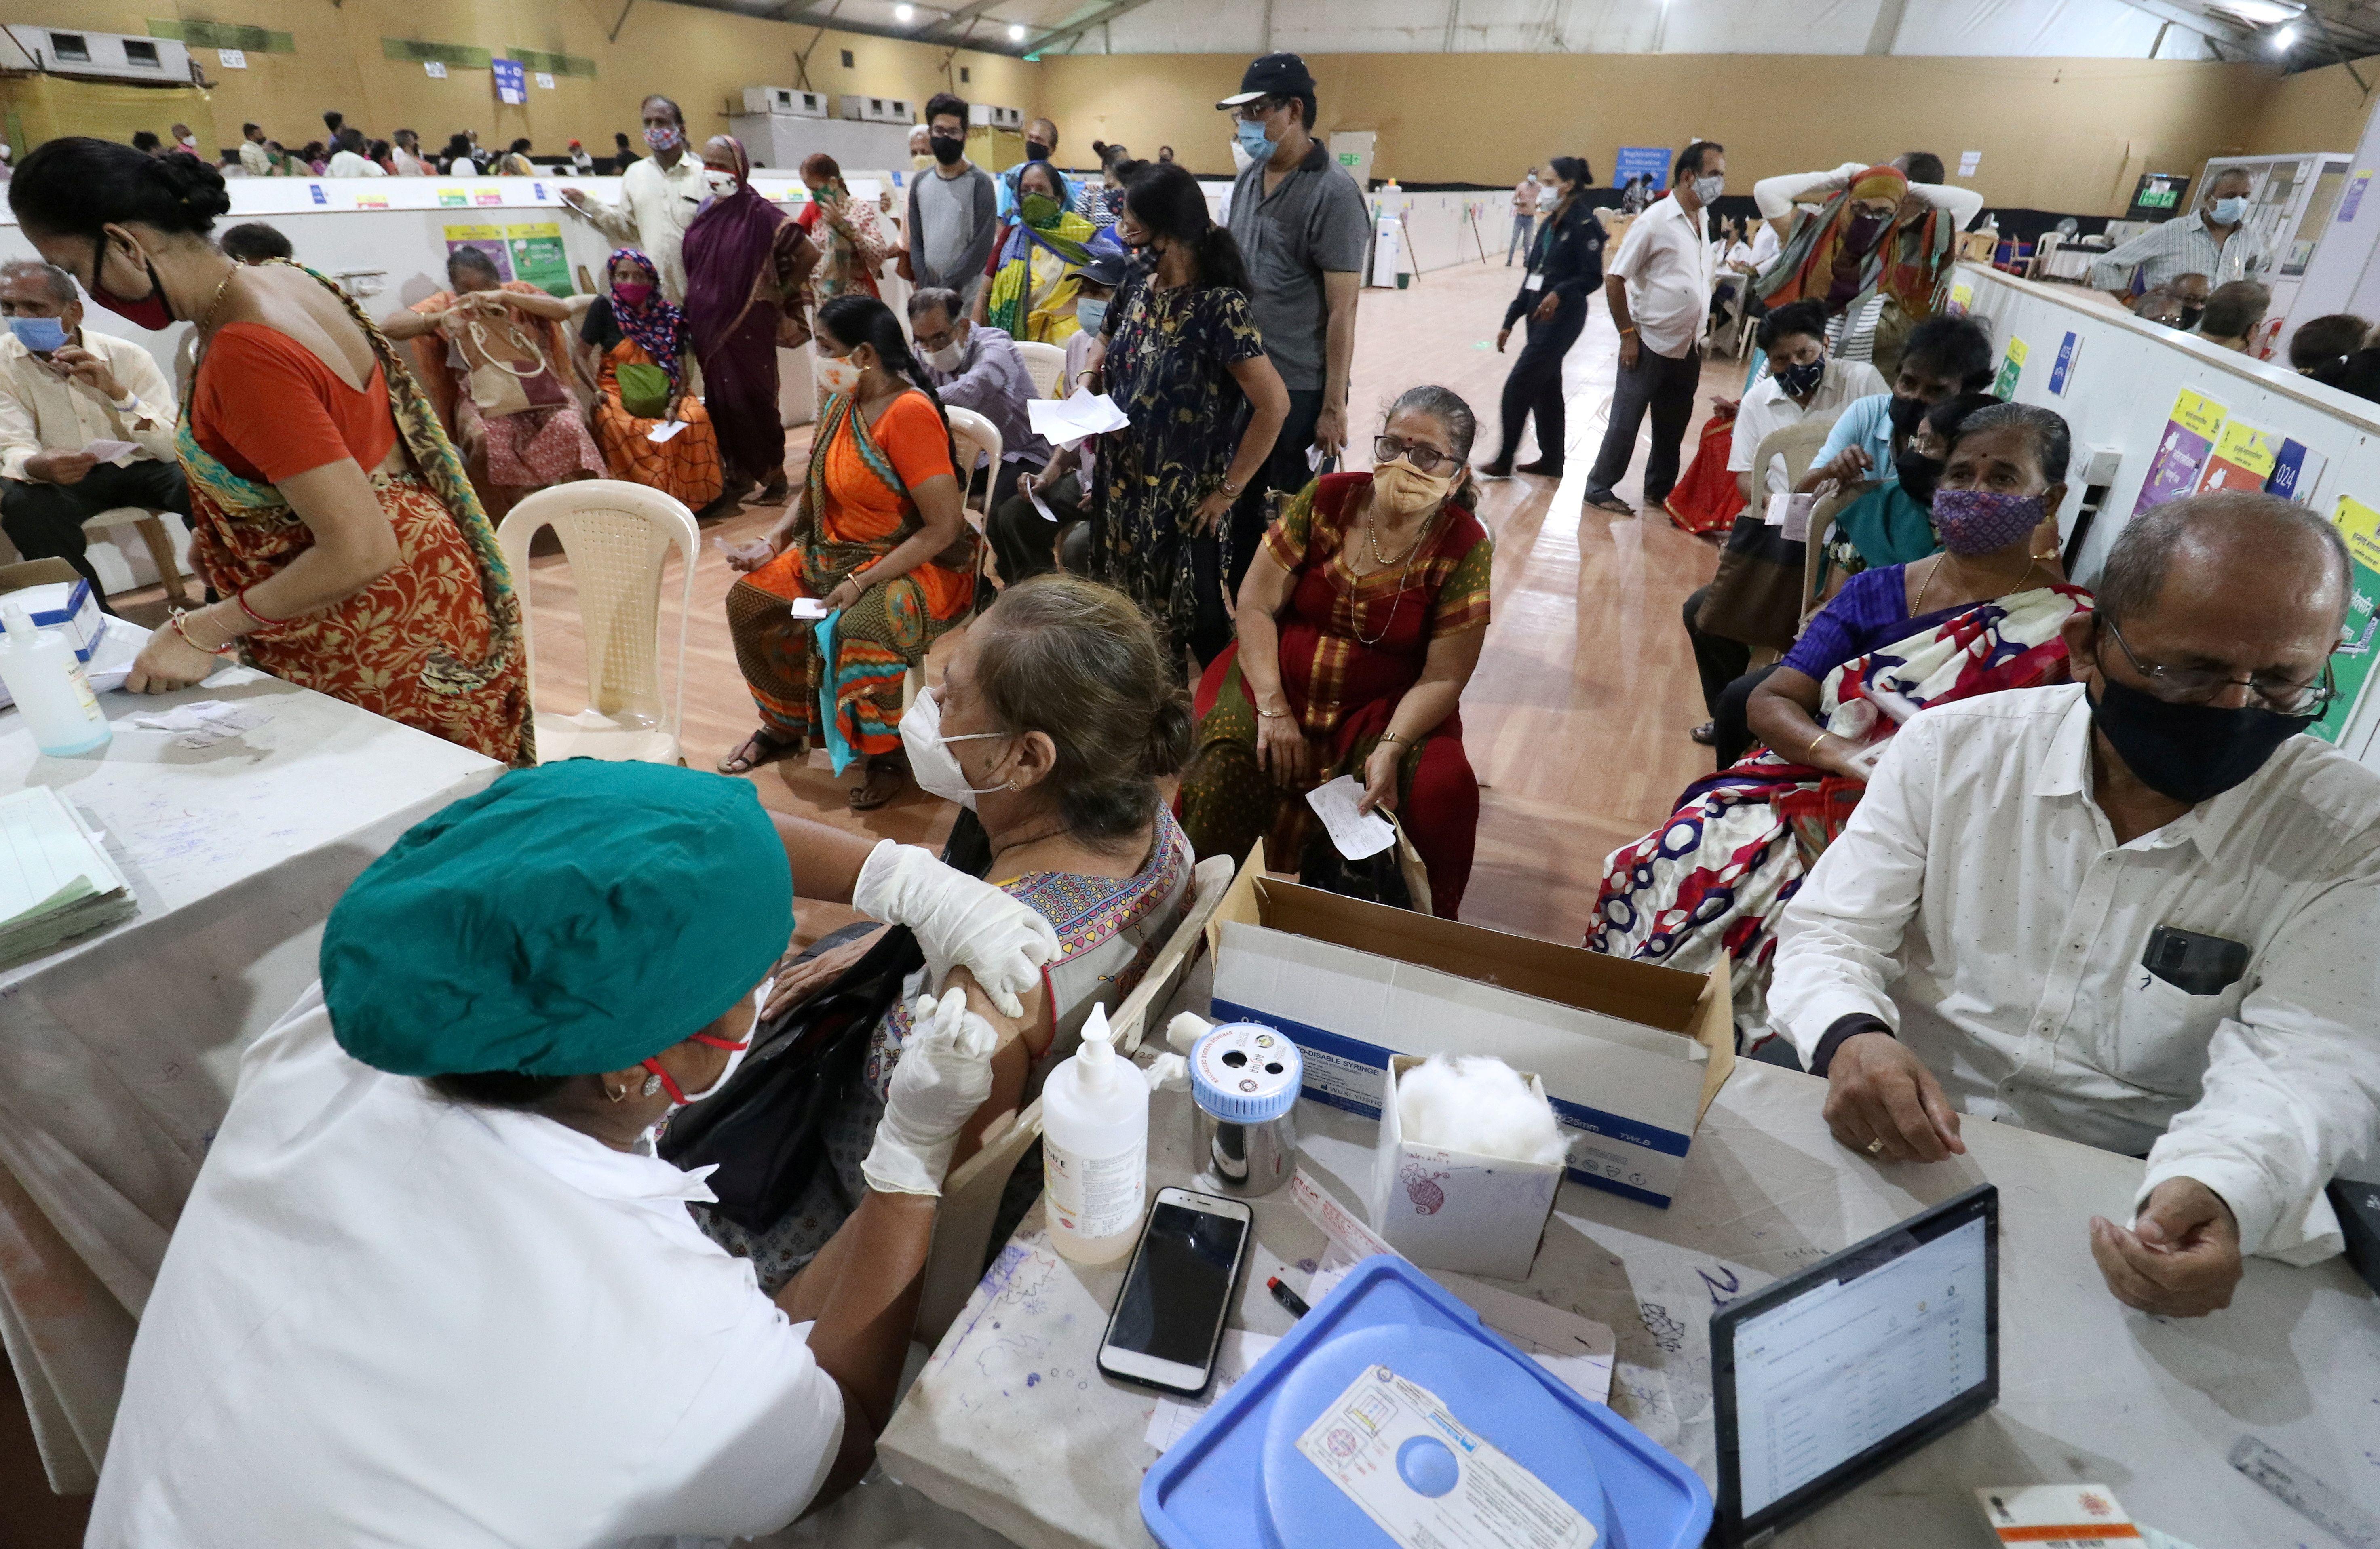 Dans un centre de vaccination contre le Covid-19 à Bombay, en Inde, le 26 avril